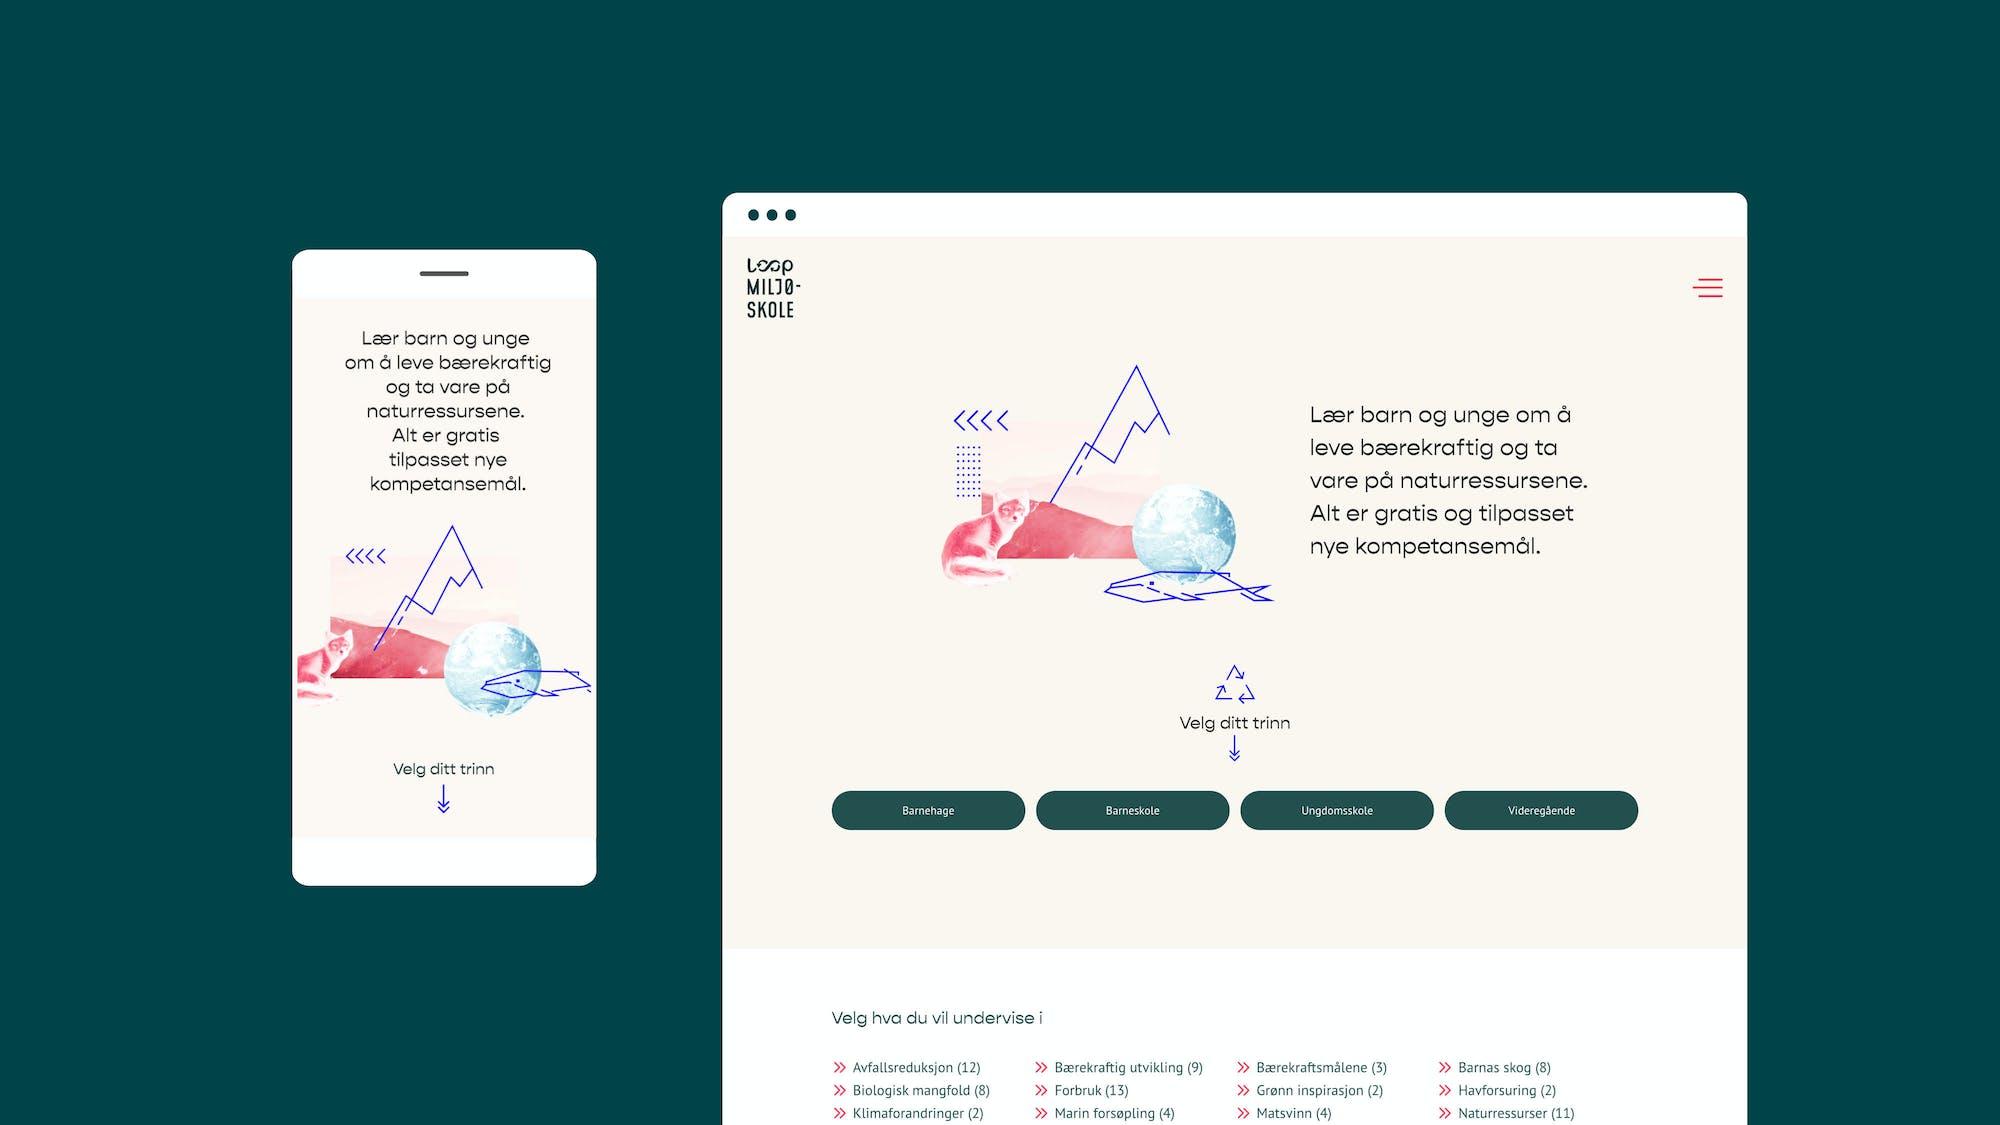 Slik ser Loop Miljøskole ut: Velg ditt trinn: Barnehage, barneskole, ungdomskole eller videregående skole